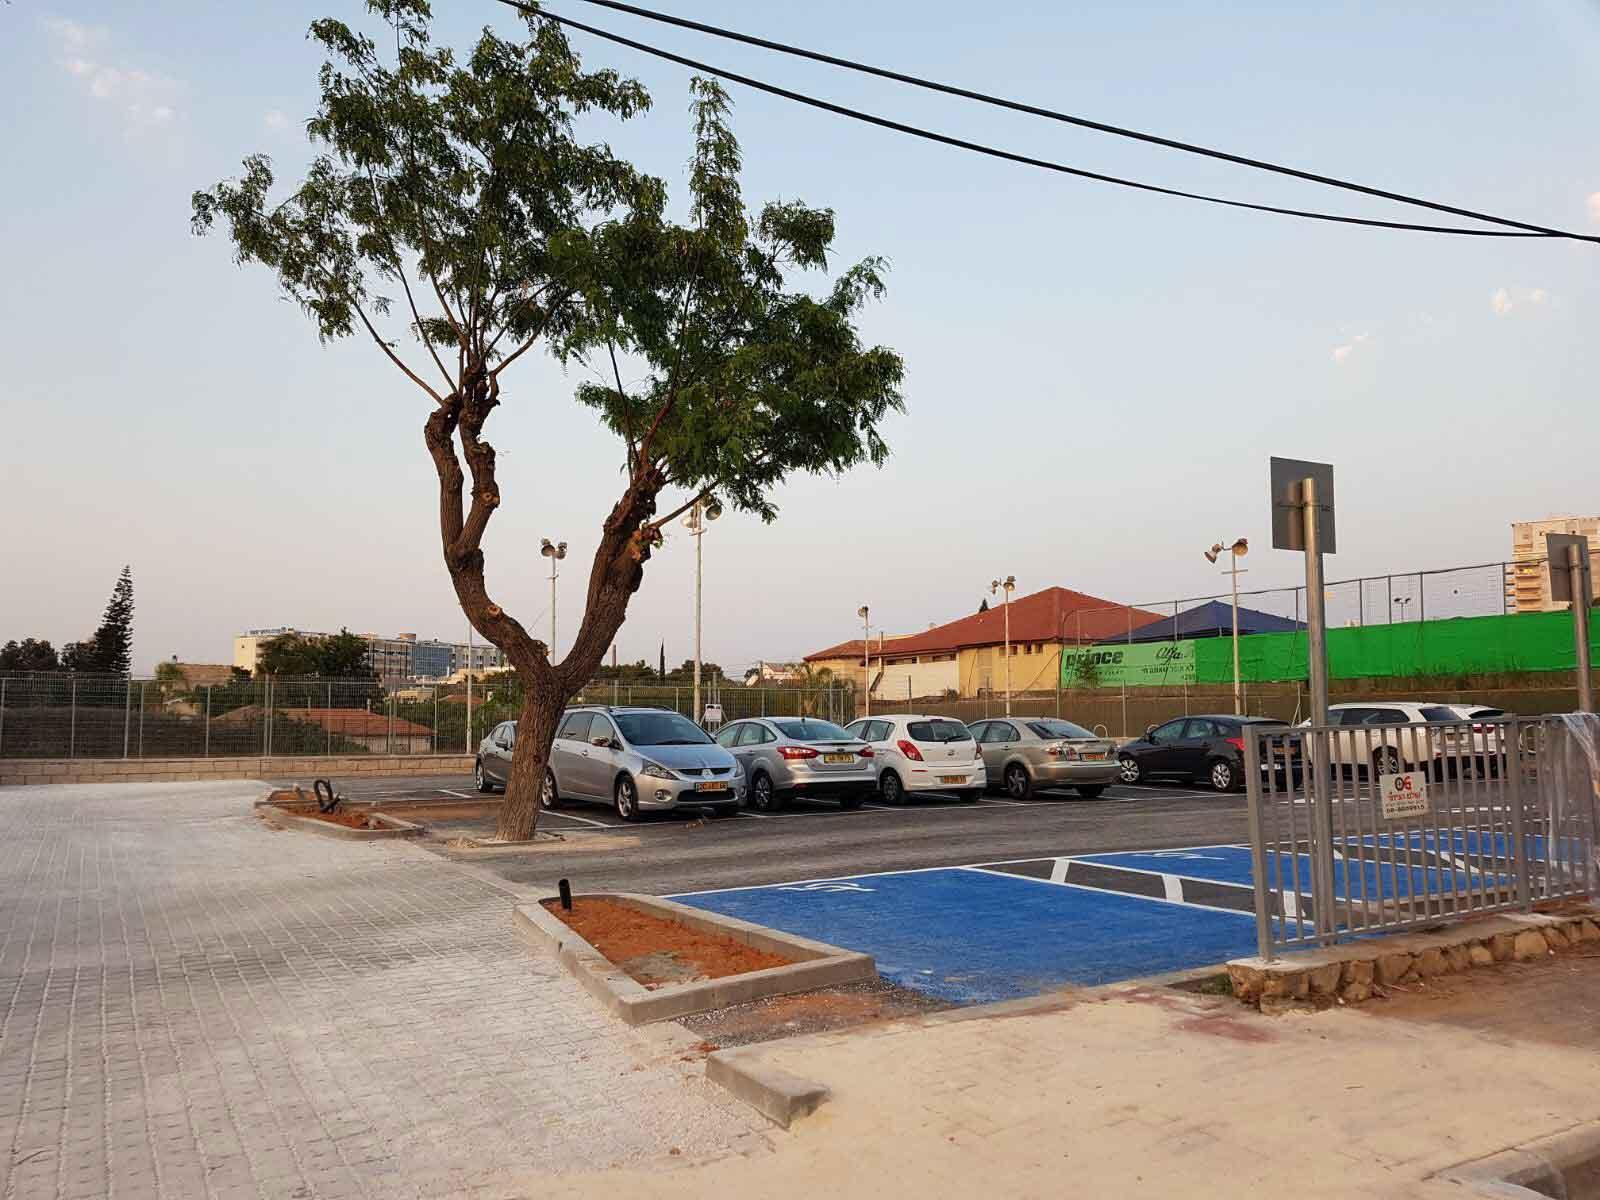 מגרש החניה החדש סמוך לקאנטרי גלי השרון. צילום באדיבות עיריית כפר סבא